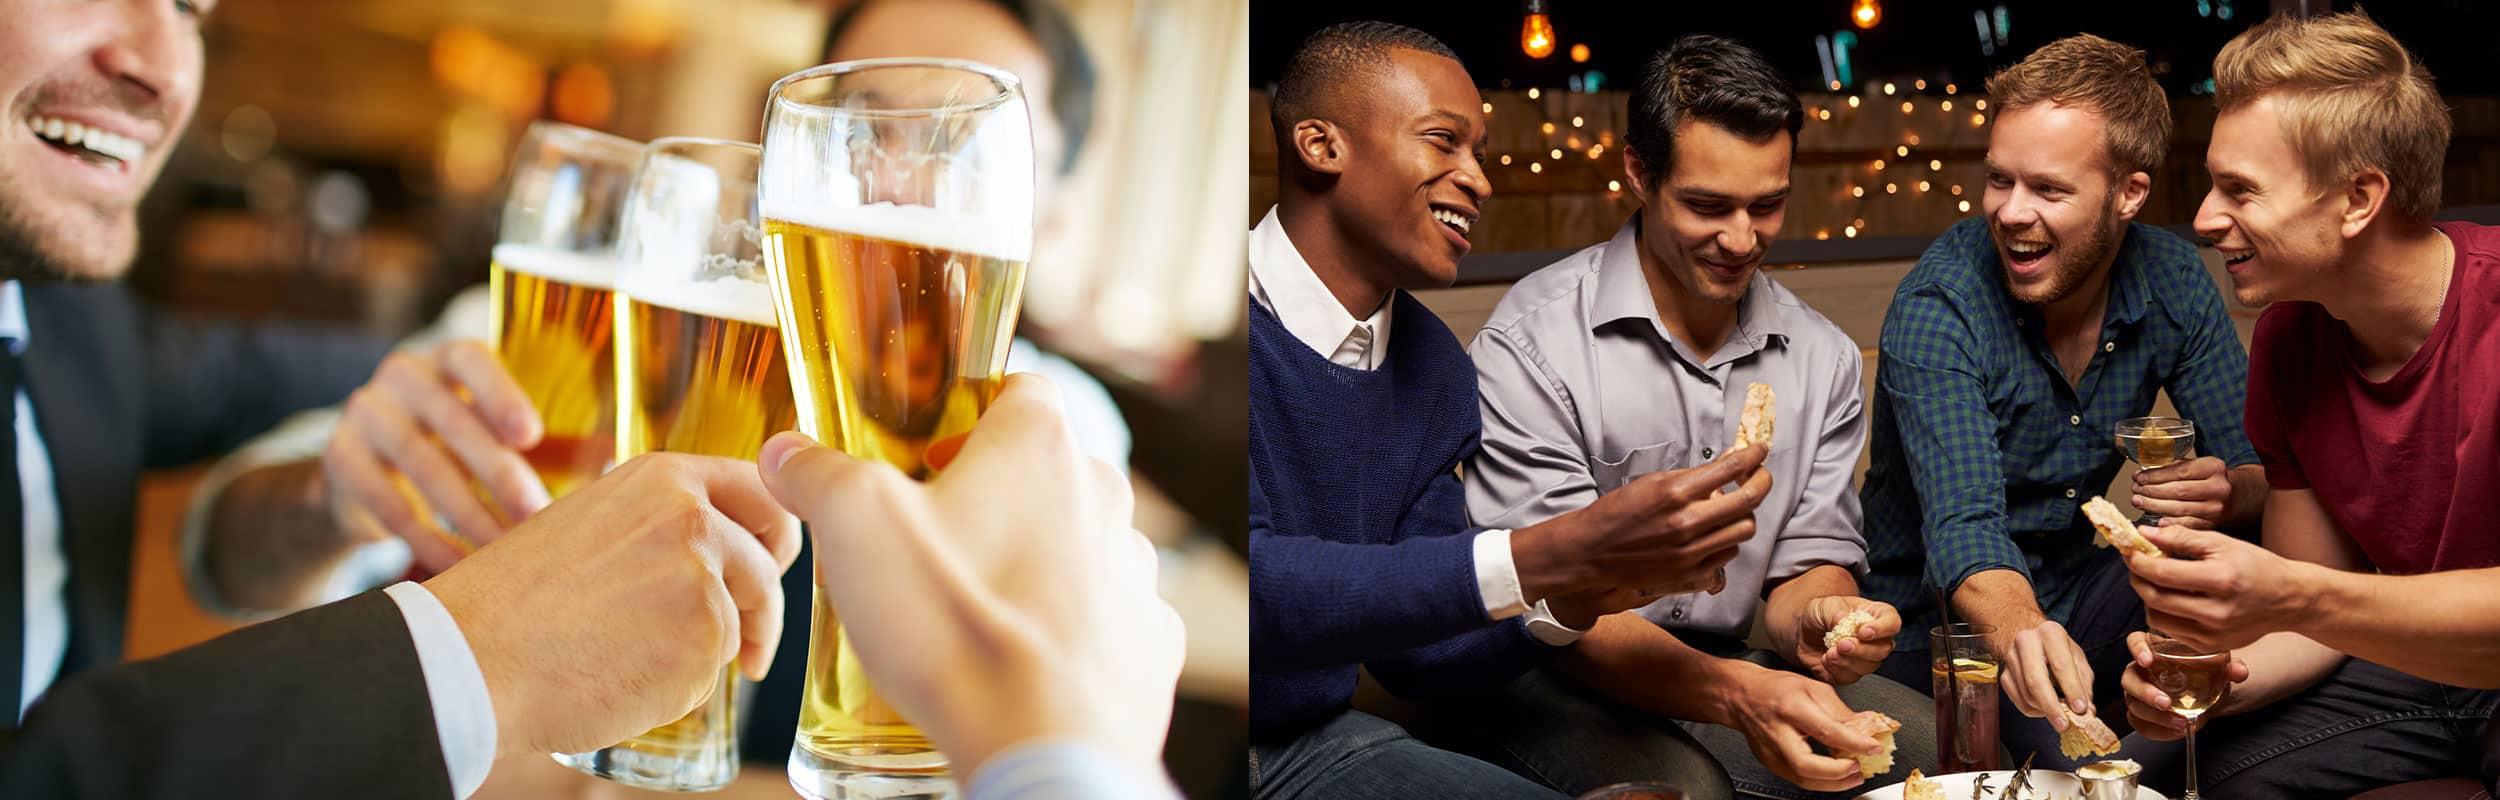 Mænd der drikker øl og griner